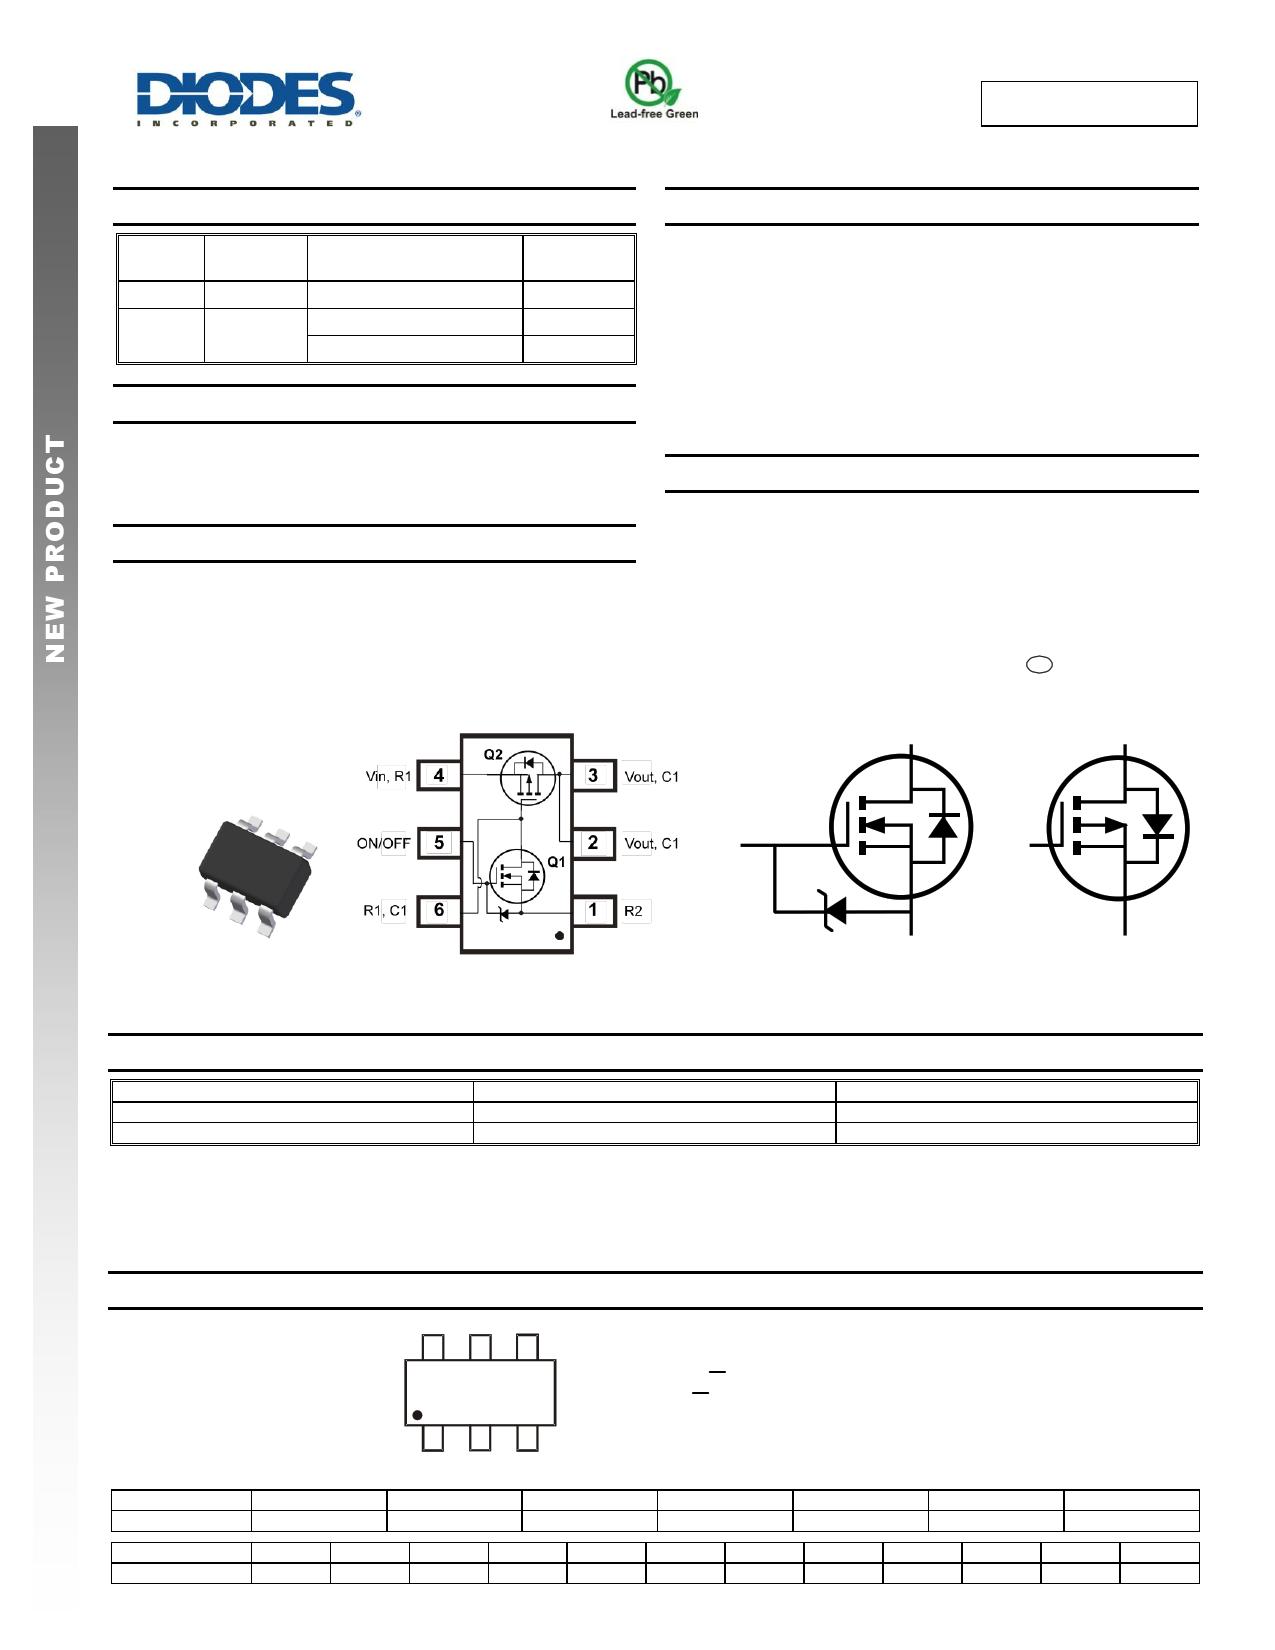 DMC25D0UVT datasheet